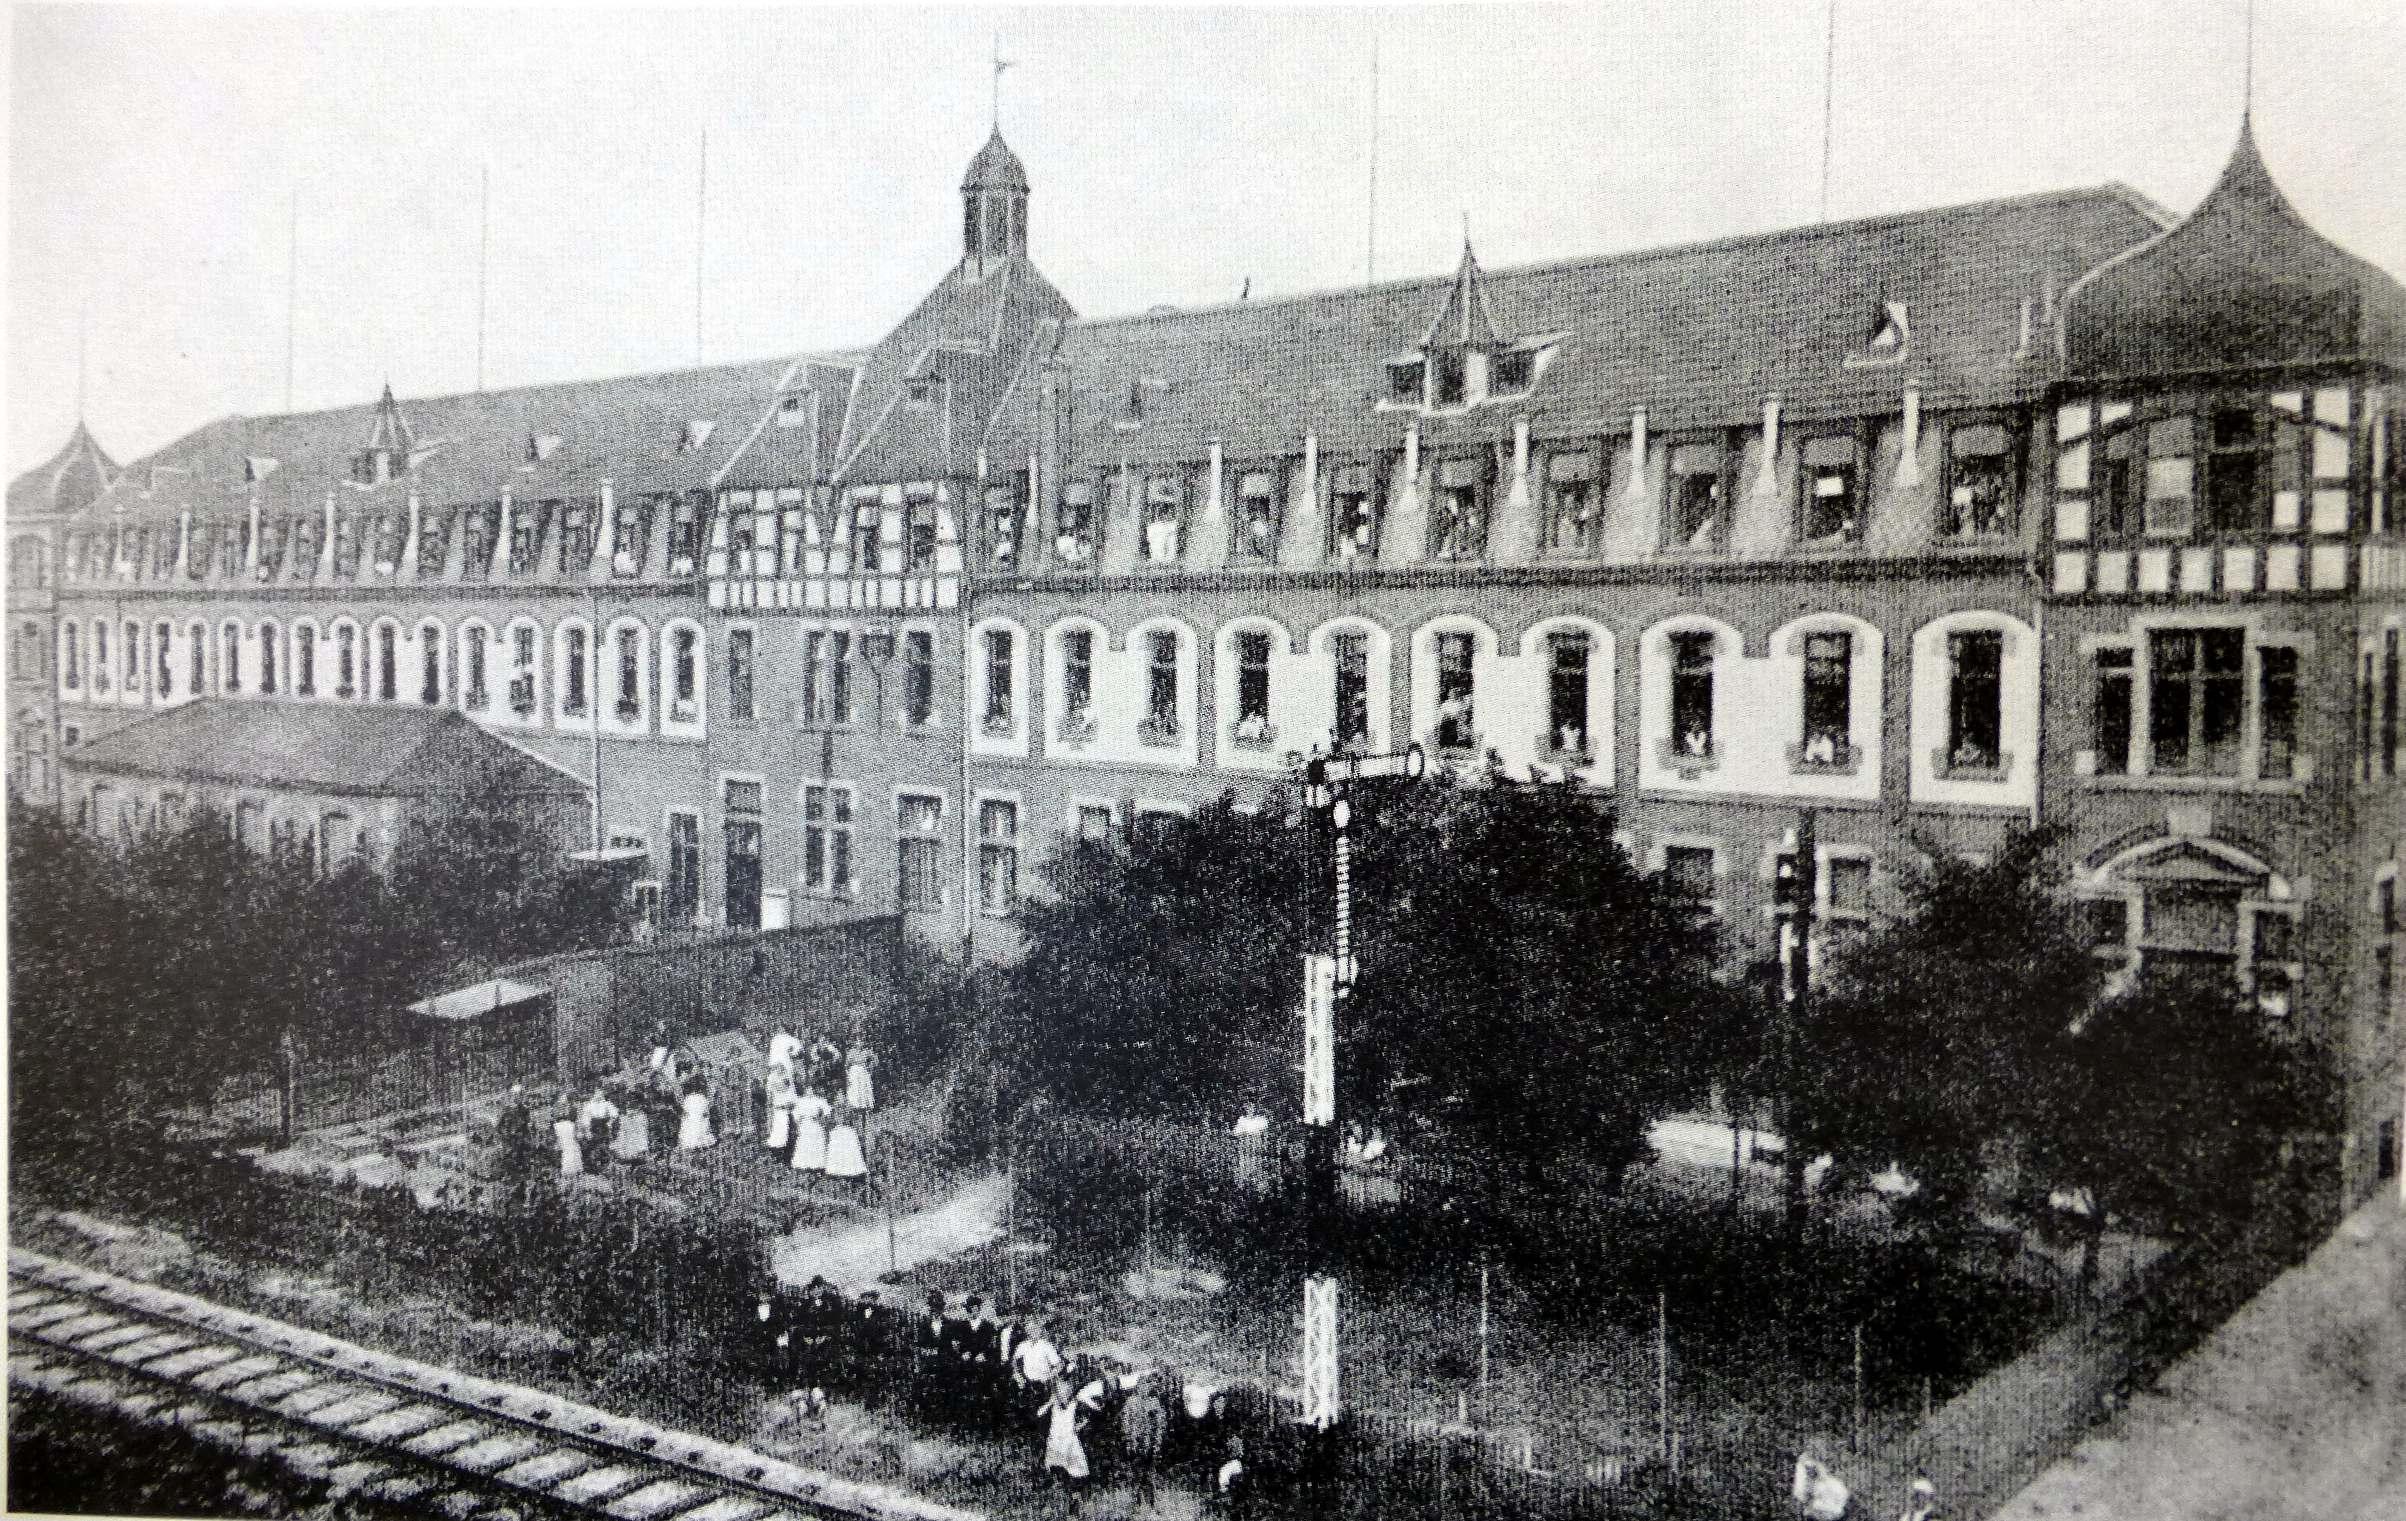 Postkarte vom Wohnheim um 1912 (Foto aus Heierling)